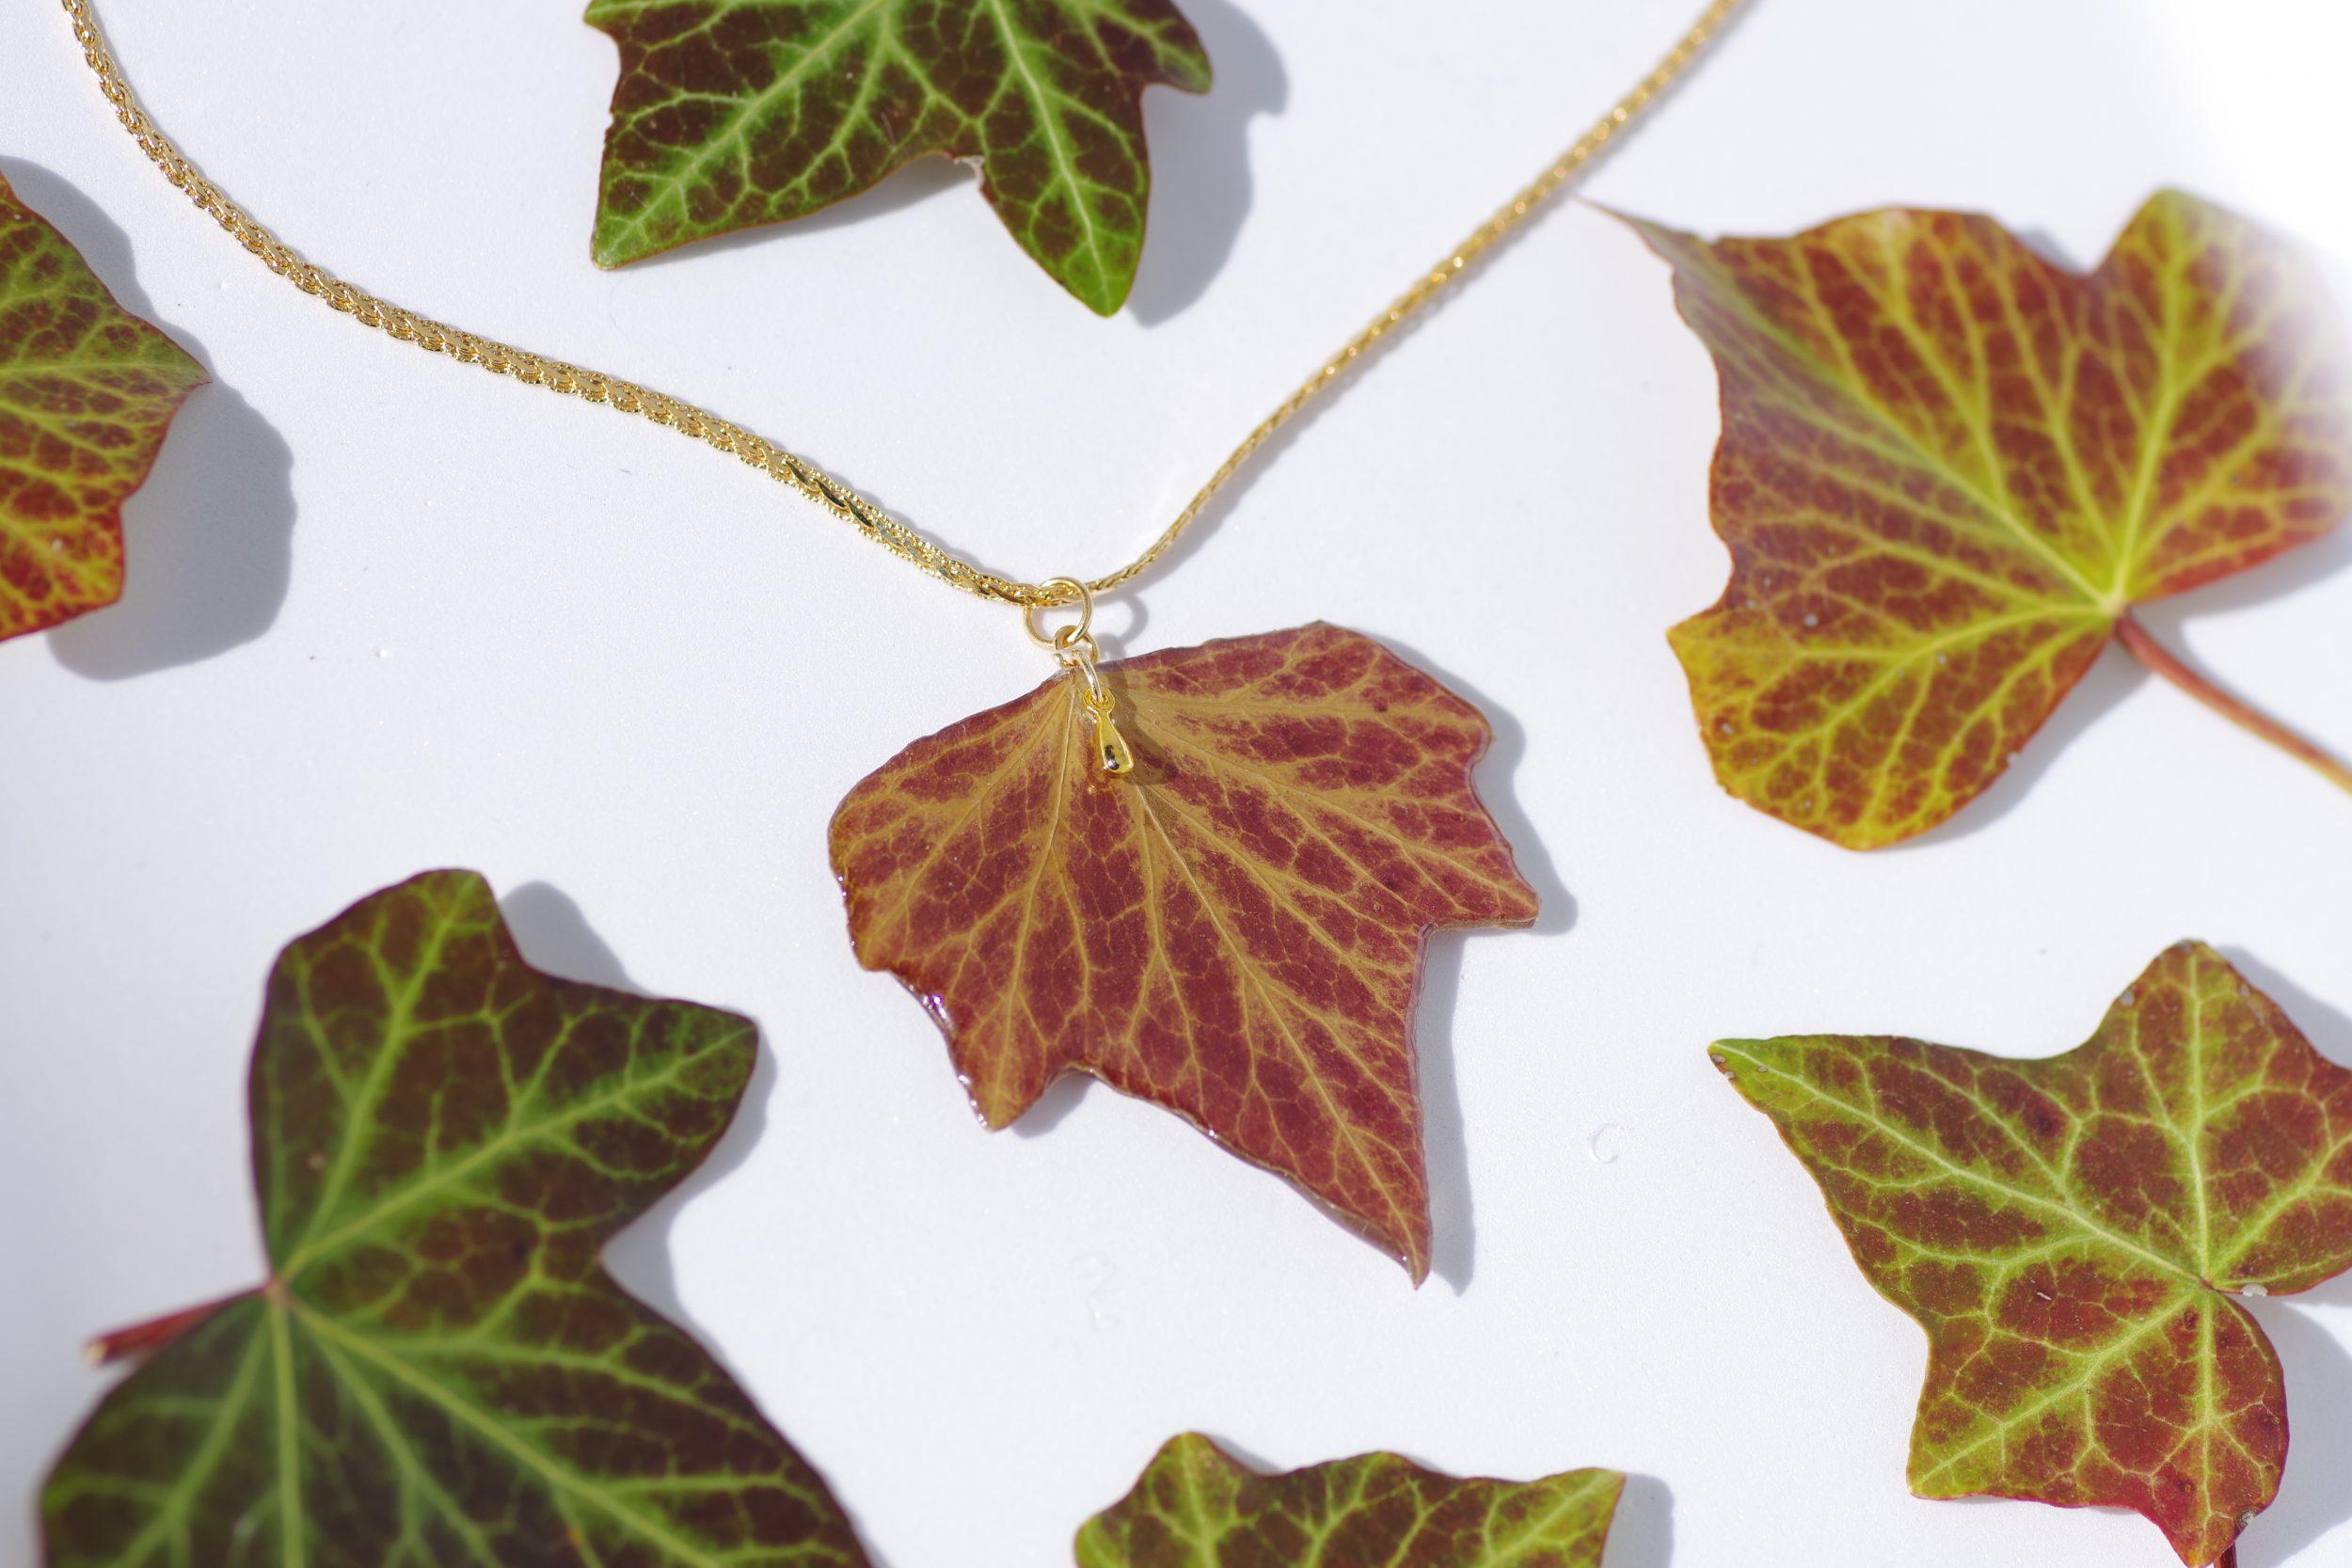 pendentif feuille de lierre sur une chaîne ouvragée plaqué or, feuilles de lierre éparpillées autour